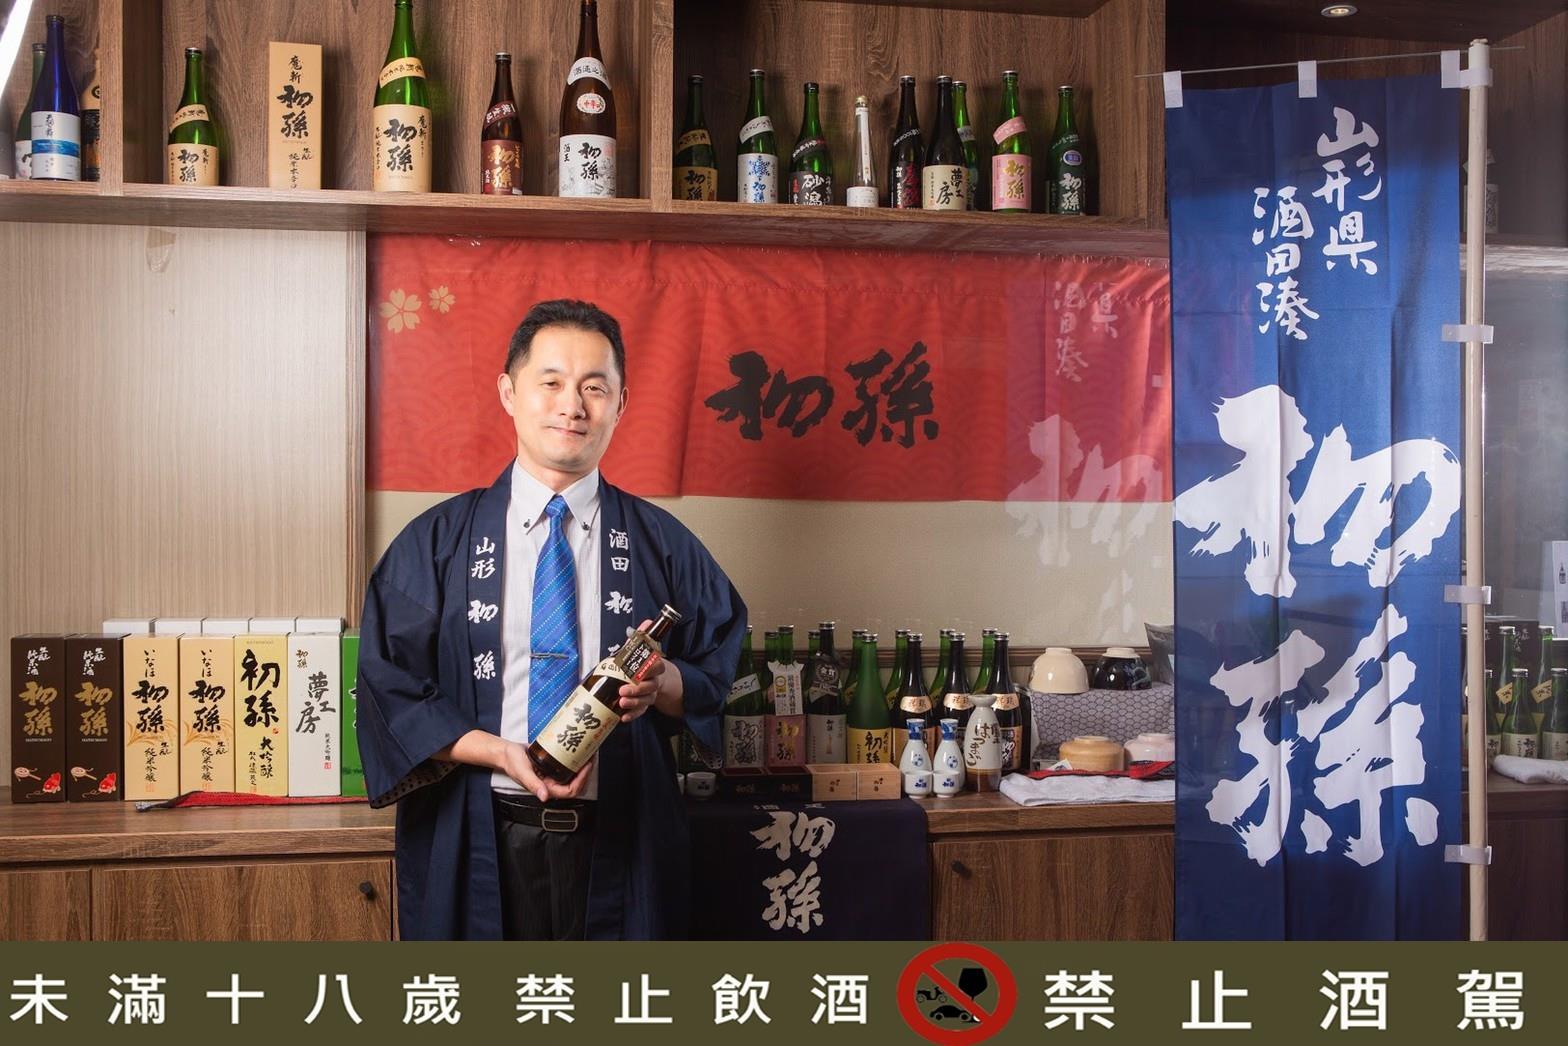 深受行家青睞的日本清酒「初孫」,126 年歷史跨海引進台灣傳酒香